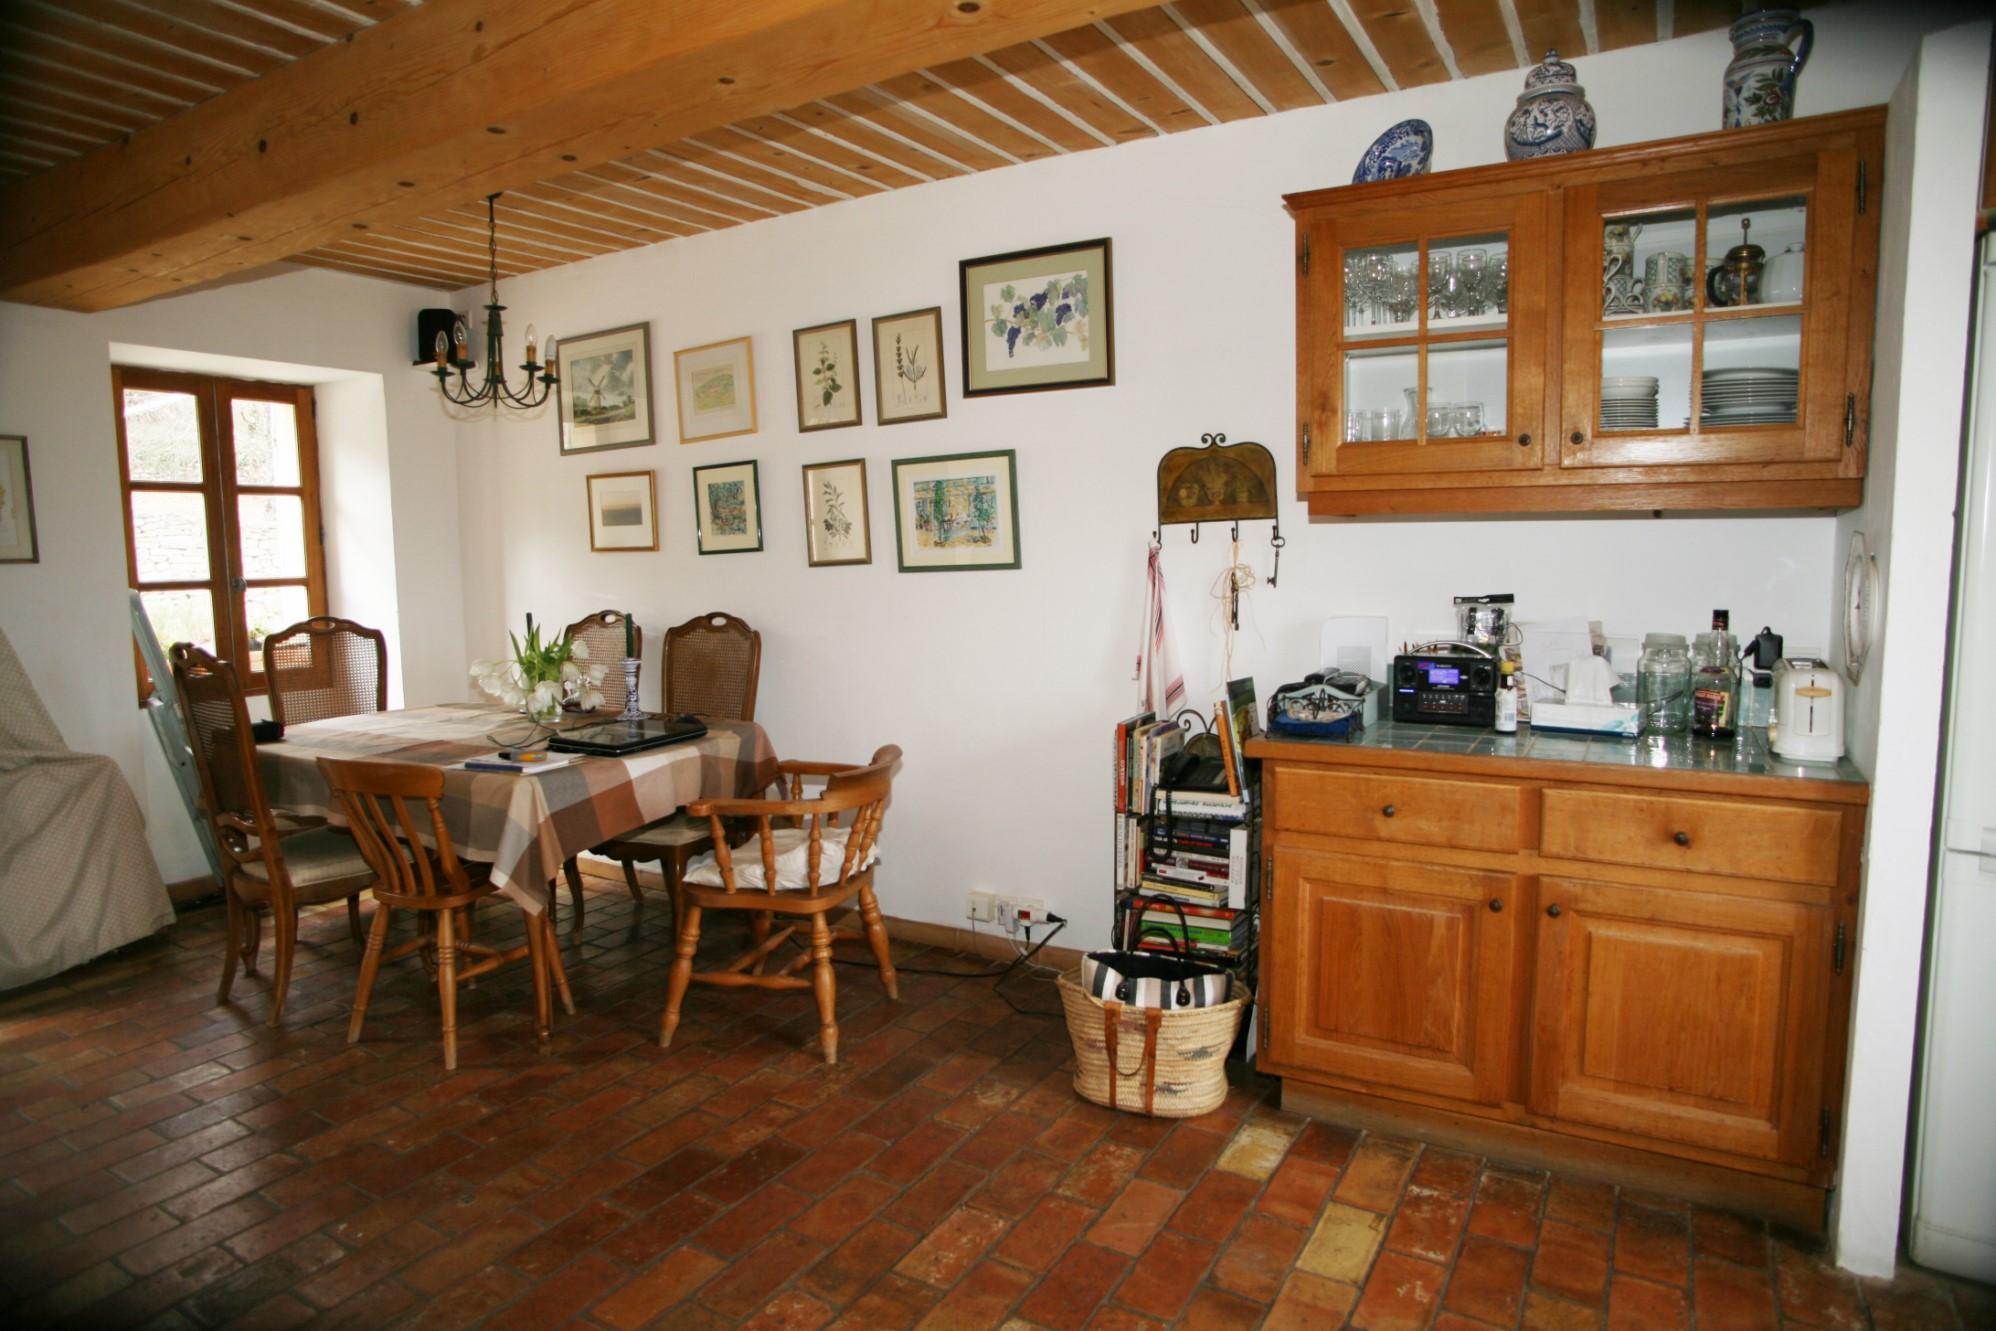 A vendre en Luberon à Gordes,  authentique mas provençal en pierres avec vues dominantes